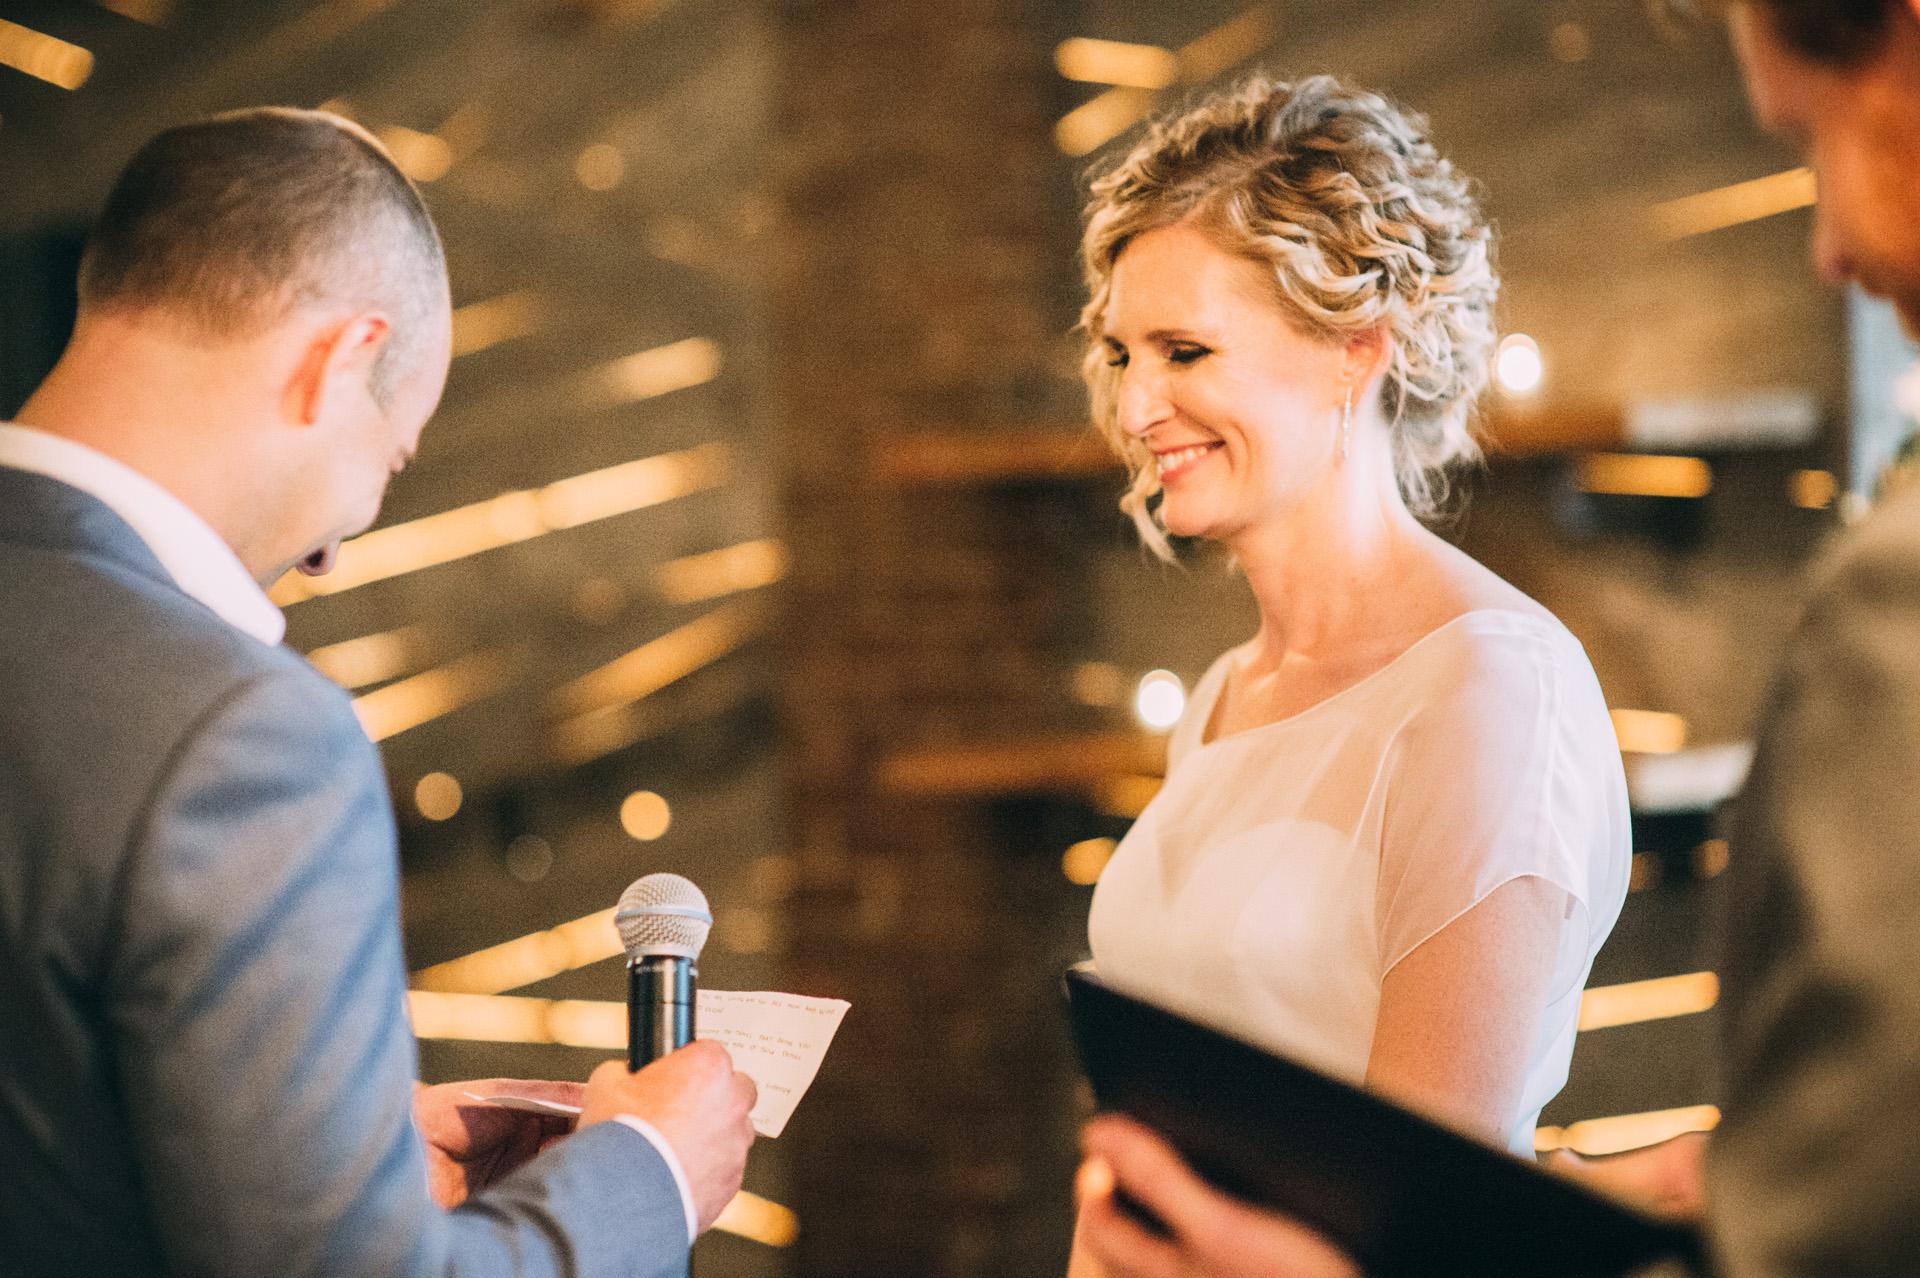 alden-harlow-wedding-photographer-44